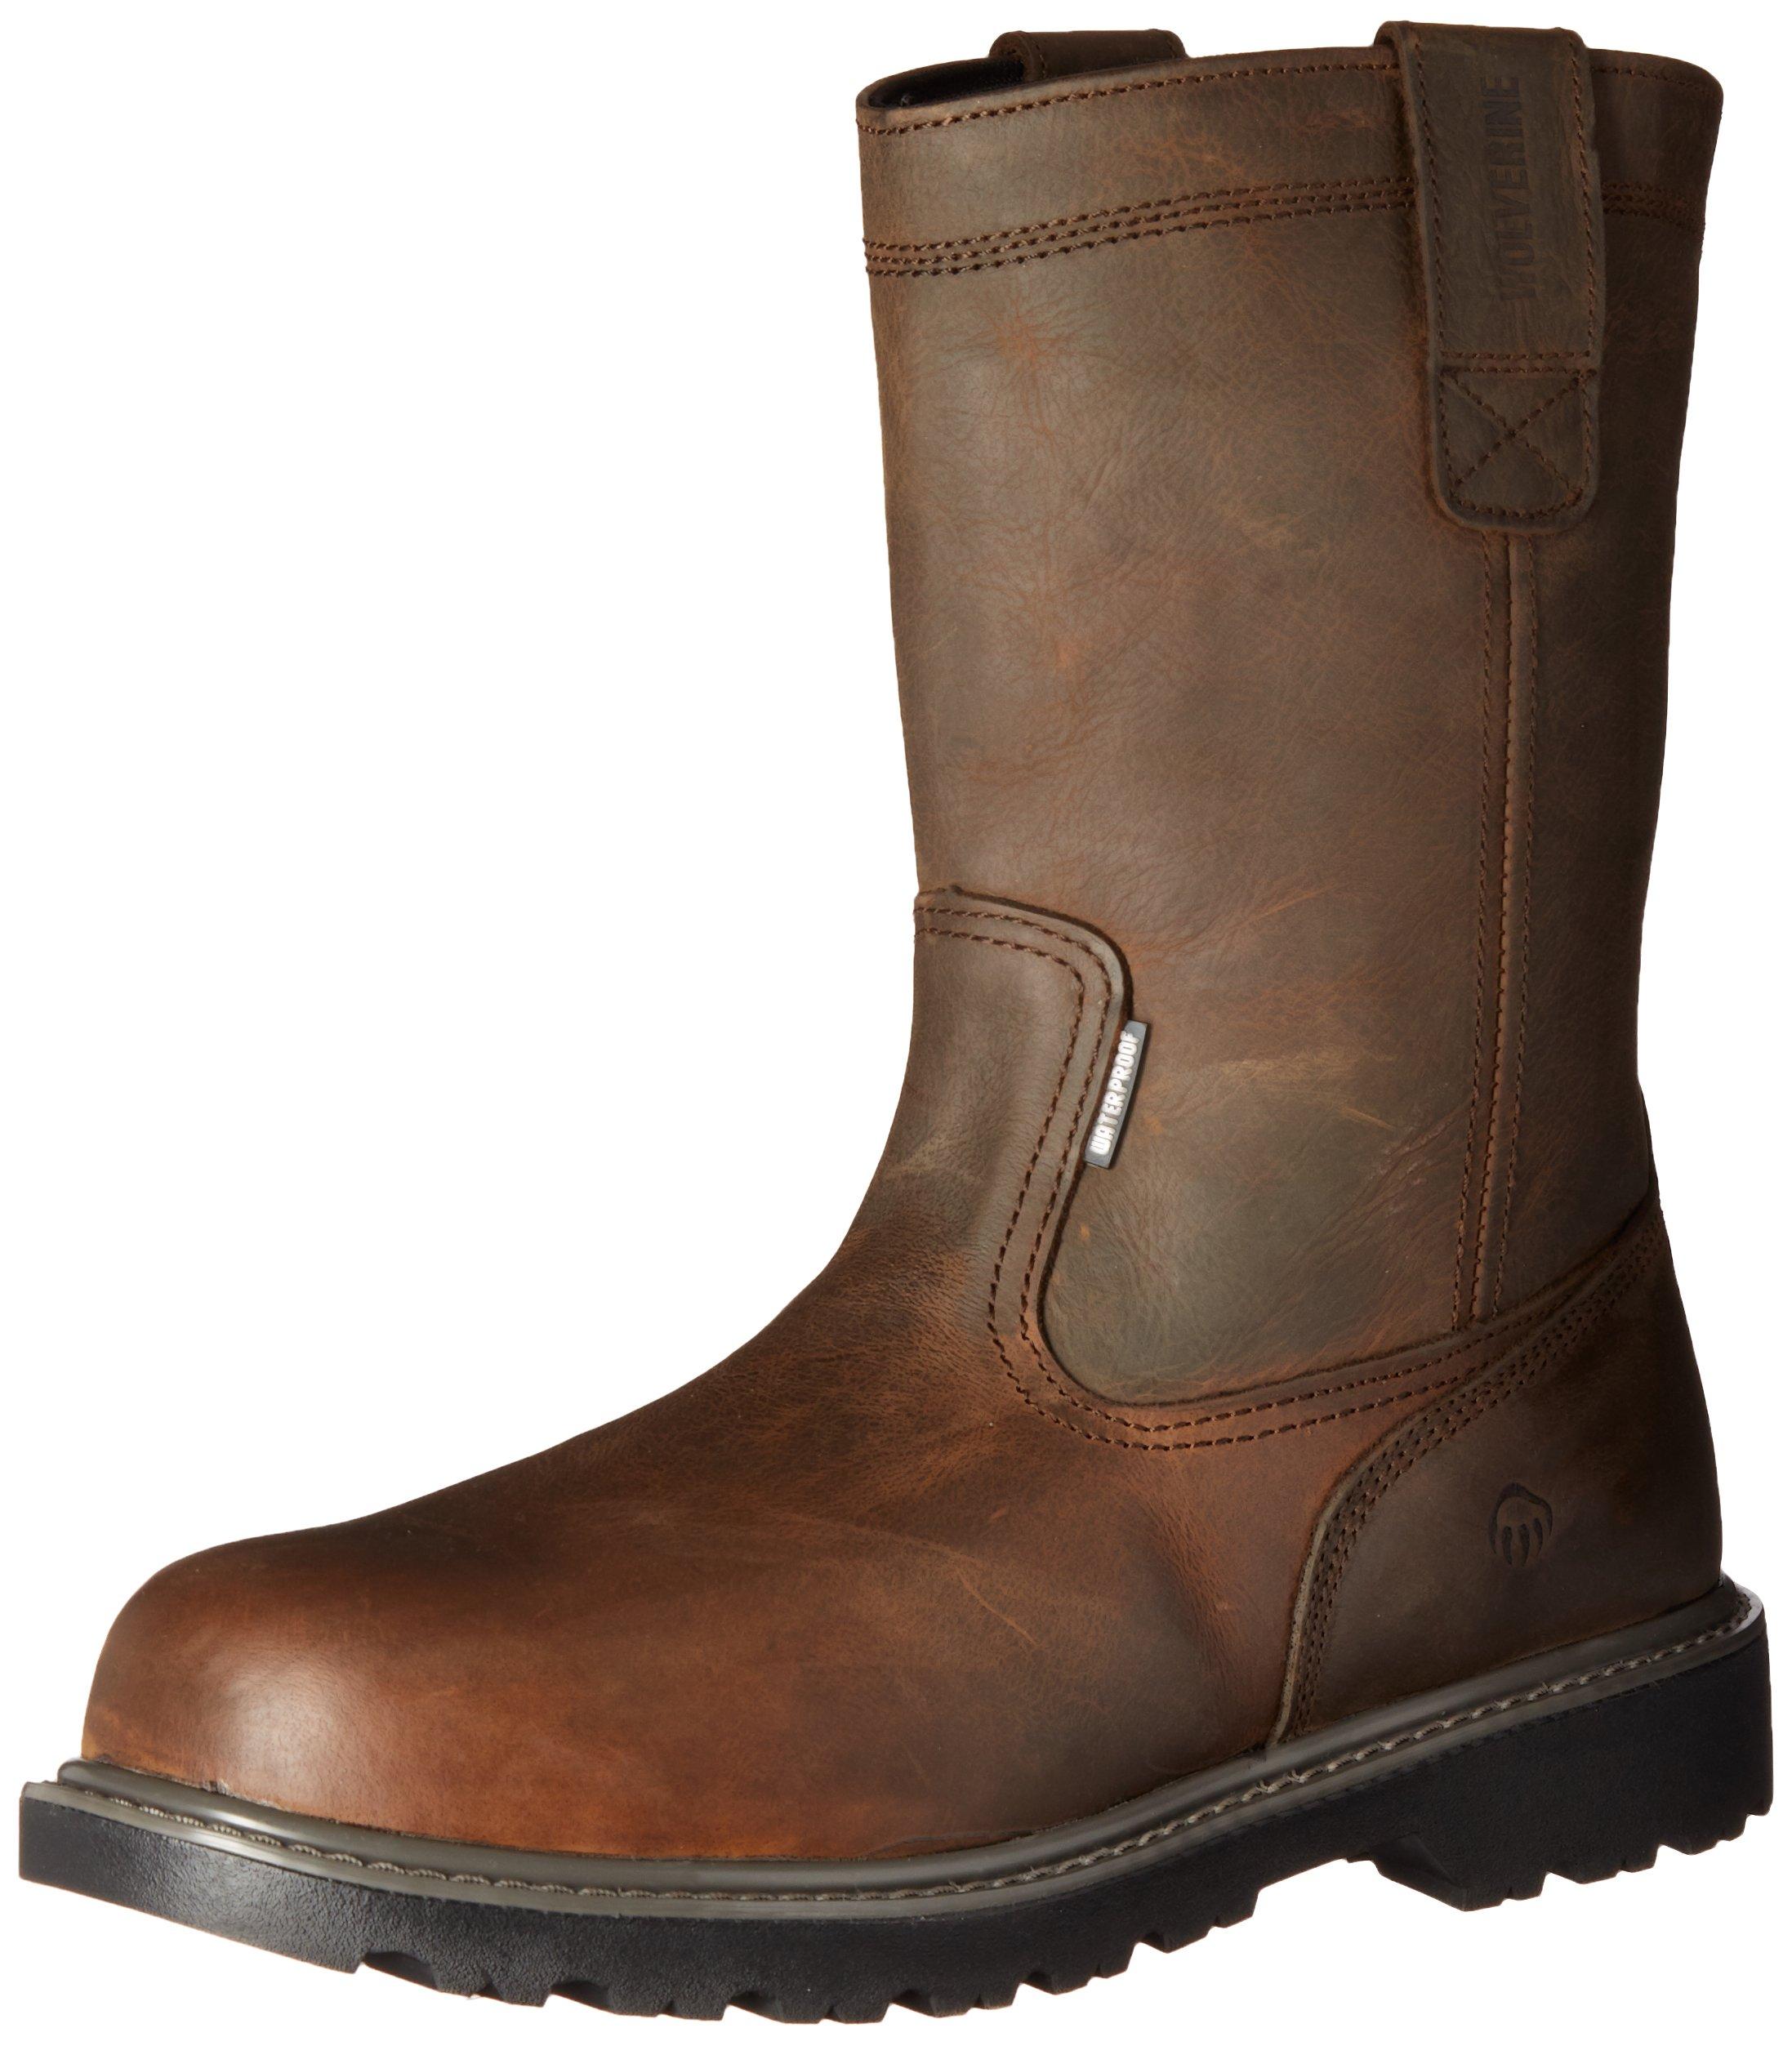 Wolverine Men's Floorhand Waterproof 10'' Steel Toe Work Boot, Dark Brown, 12 M US